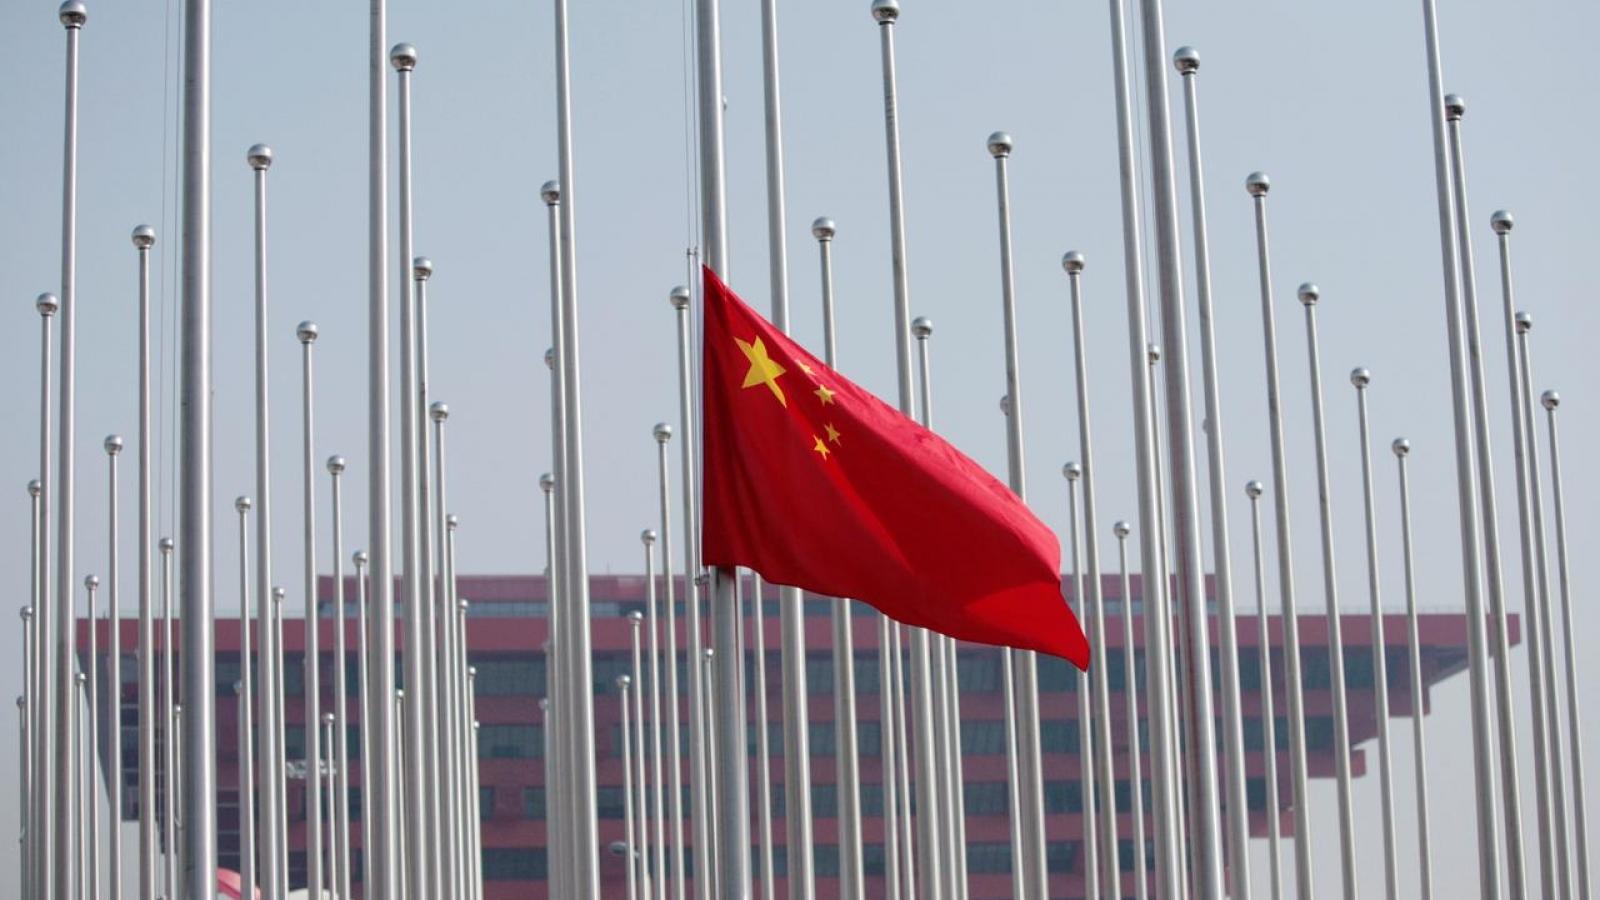 Trung Quốc sắp ban hành đạo luật chống lại lệnh trừng phạt nước ngoài